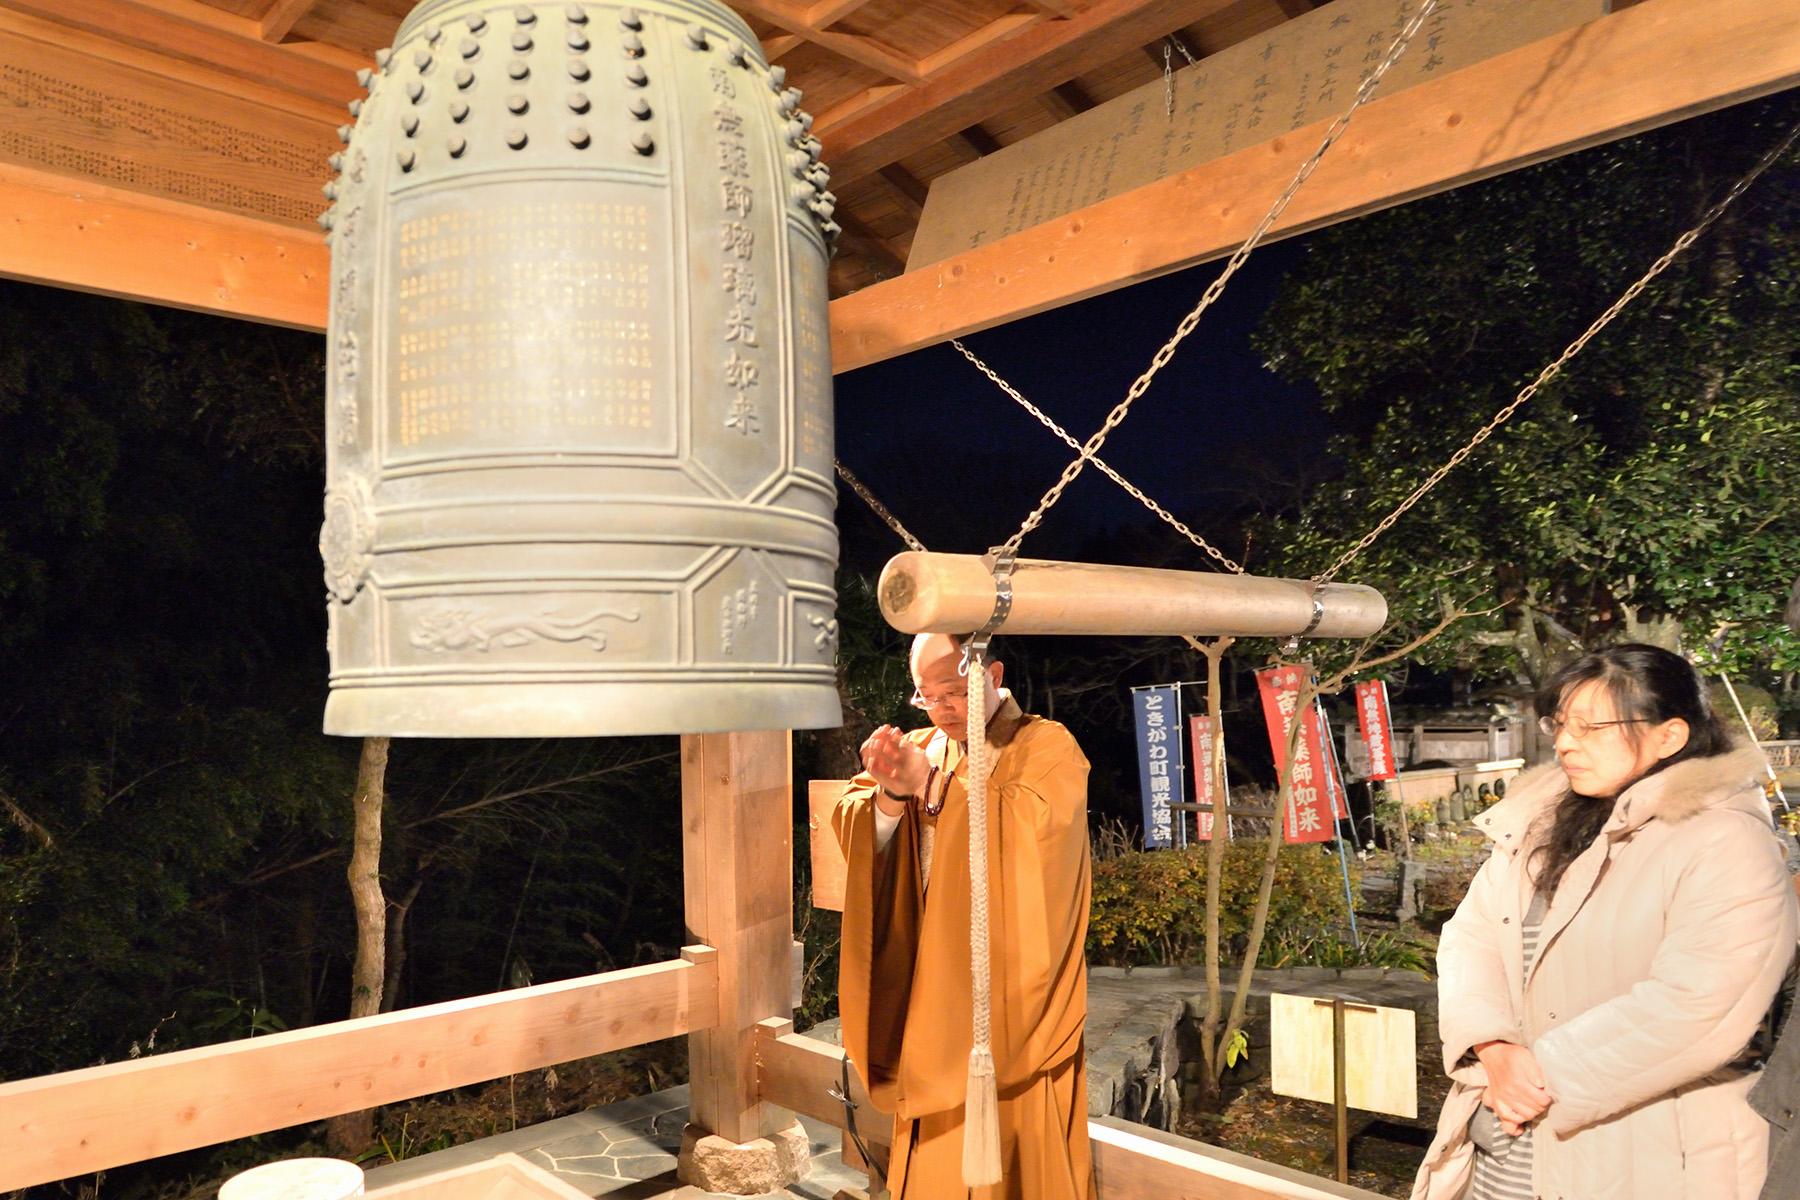 除夜の鐘 板東札所九番 慈光寺